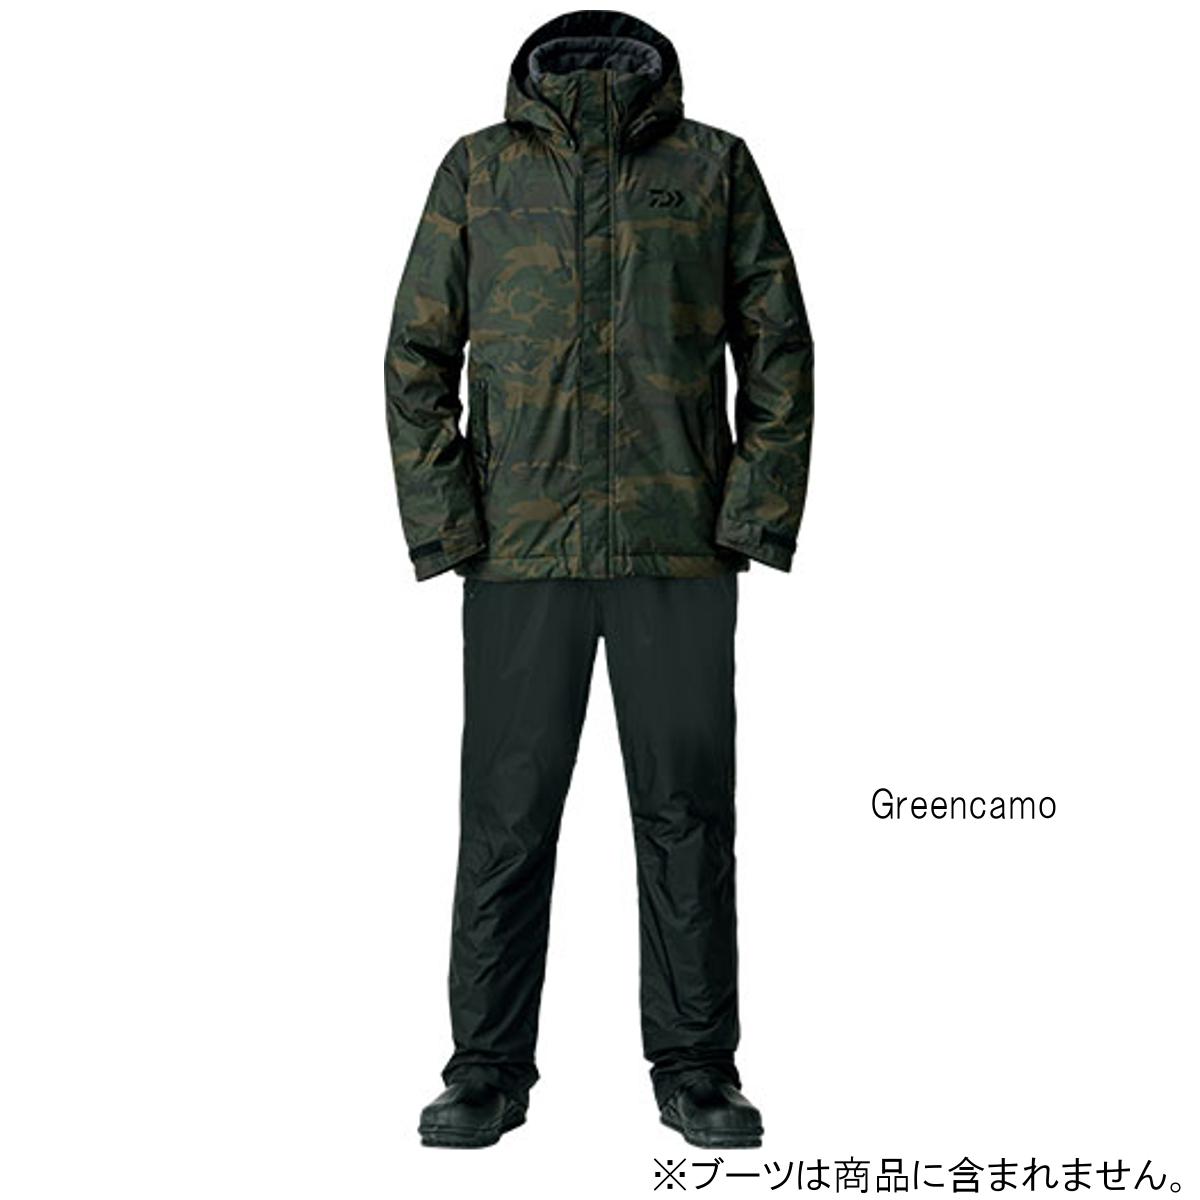 ダイワ レインマックス ウィンタースーツ DW-35008 M Greencamo(東日本店)